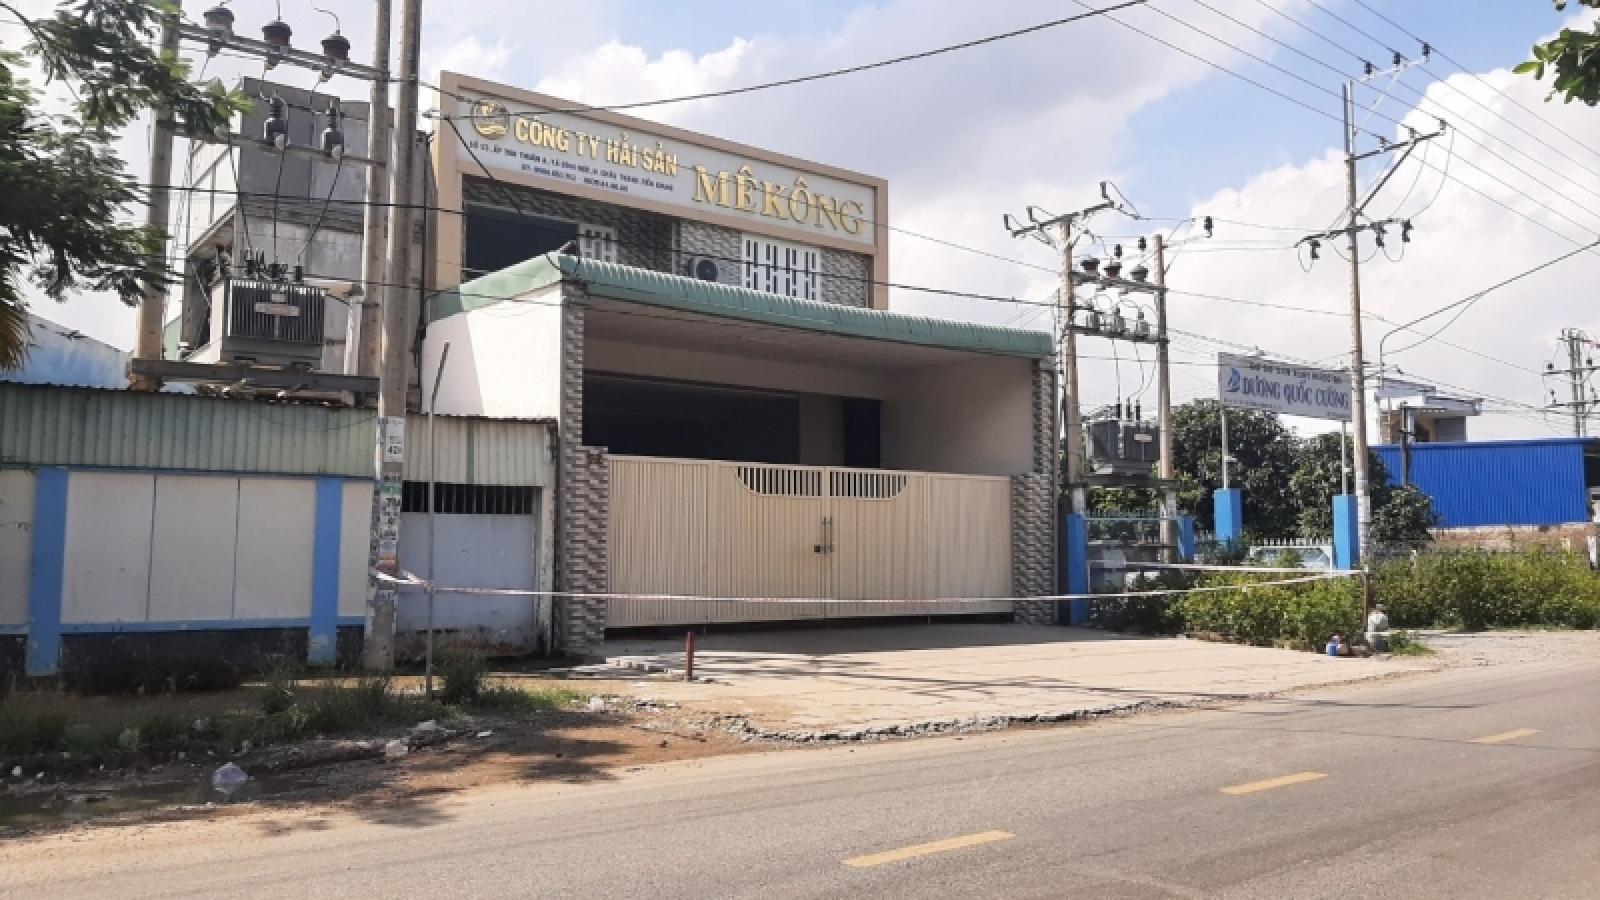 Tiền Giang phong tỏa xã có hơn 2.000 hộ dân bị ảnh hưởng do dịch Covid-19